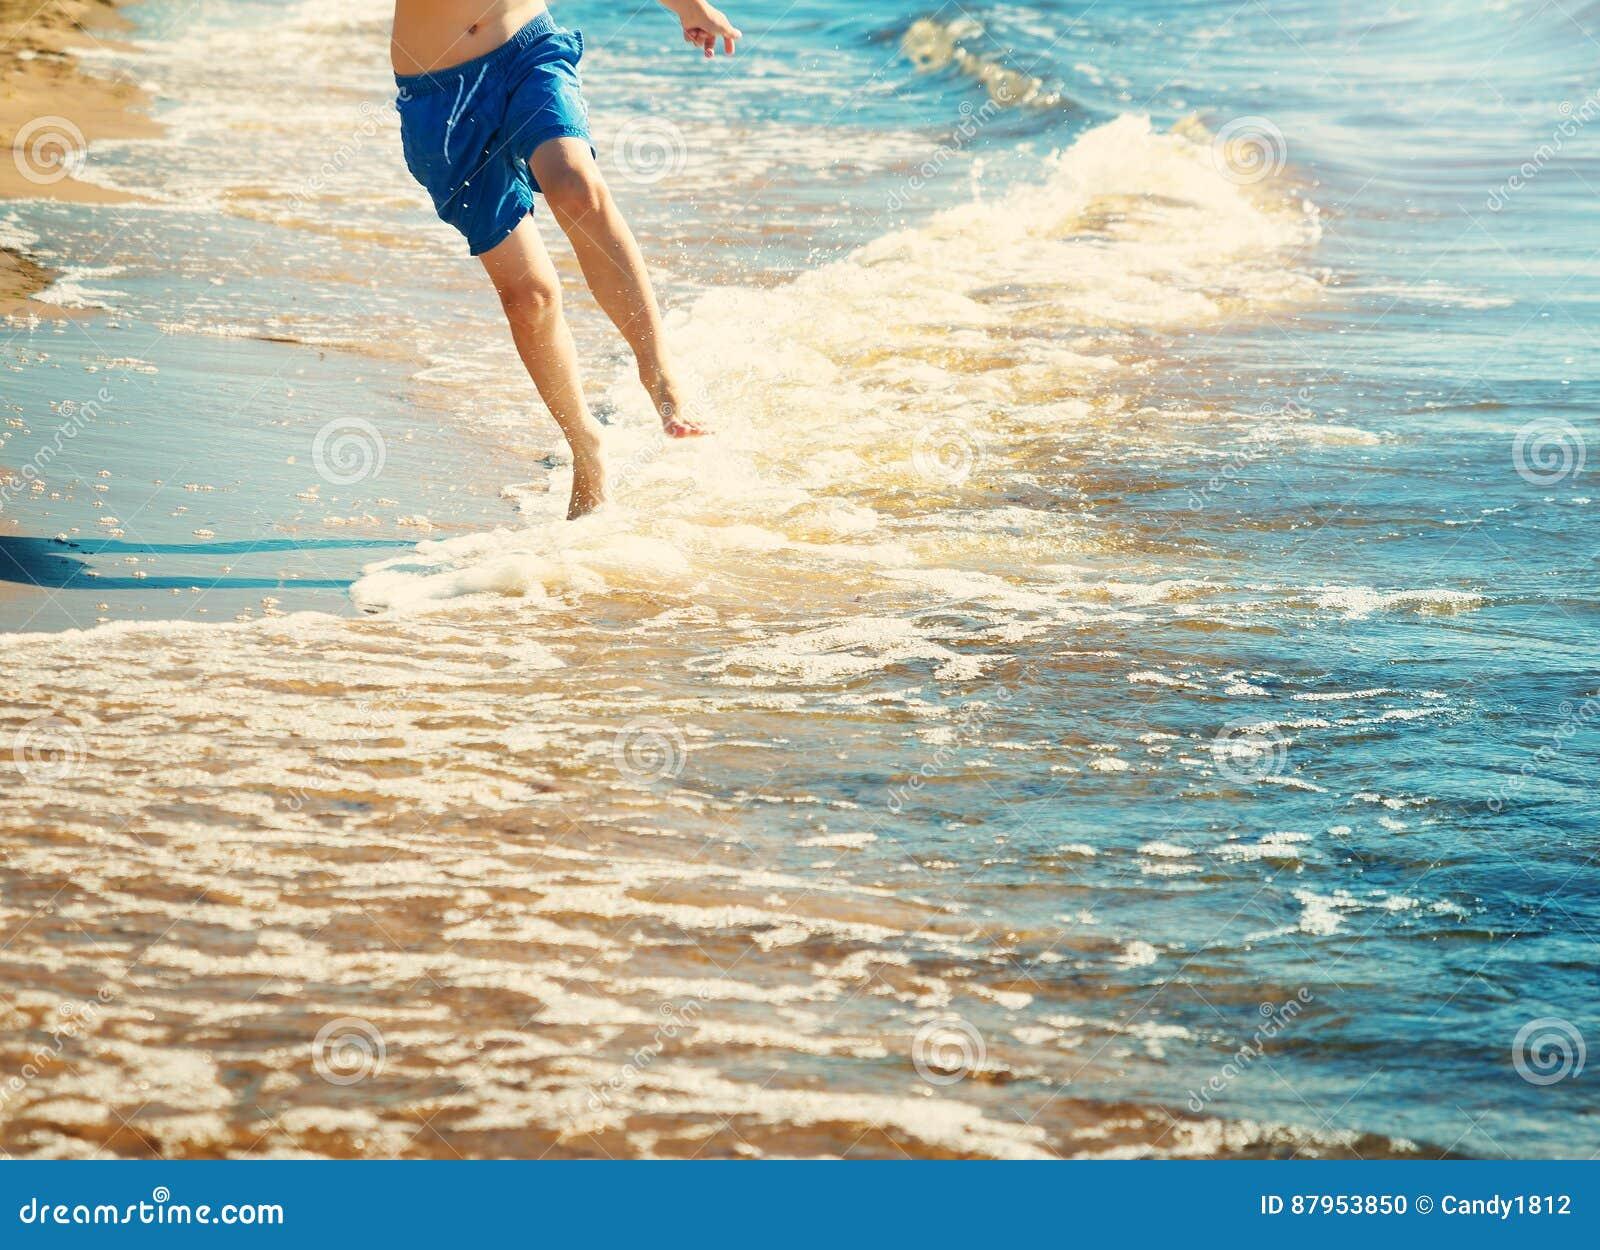 De jongen loopt op het strand